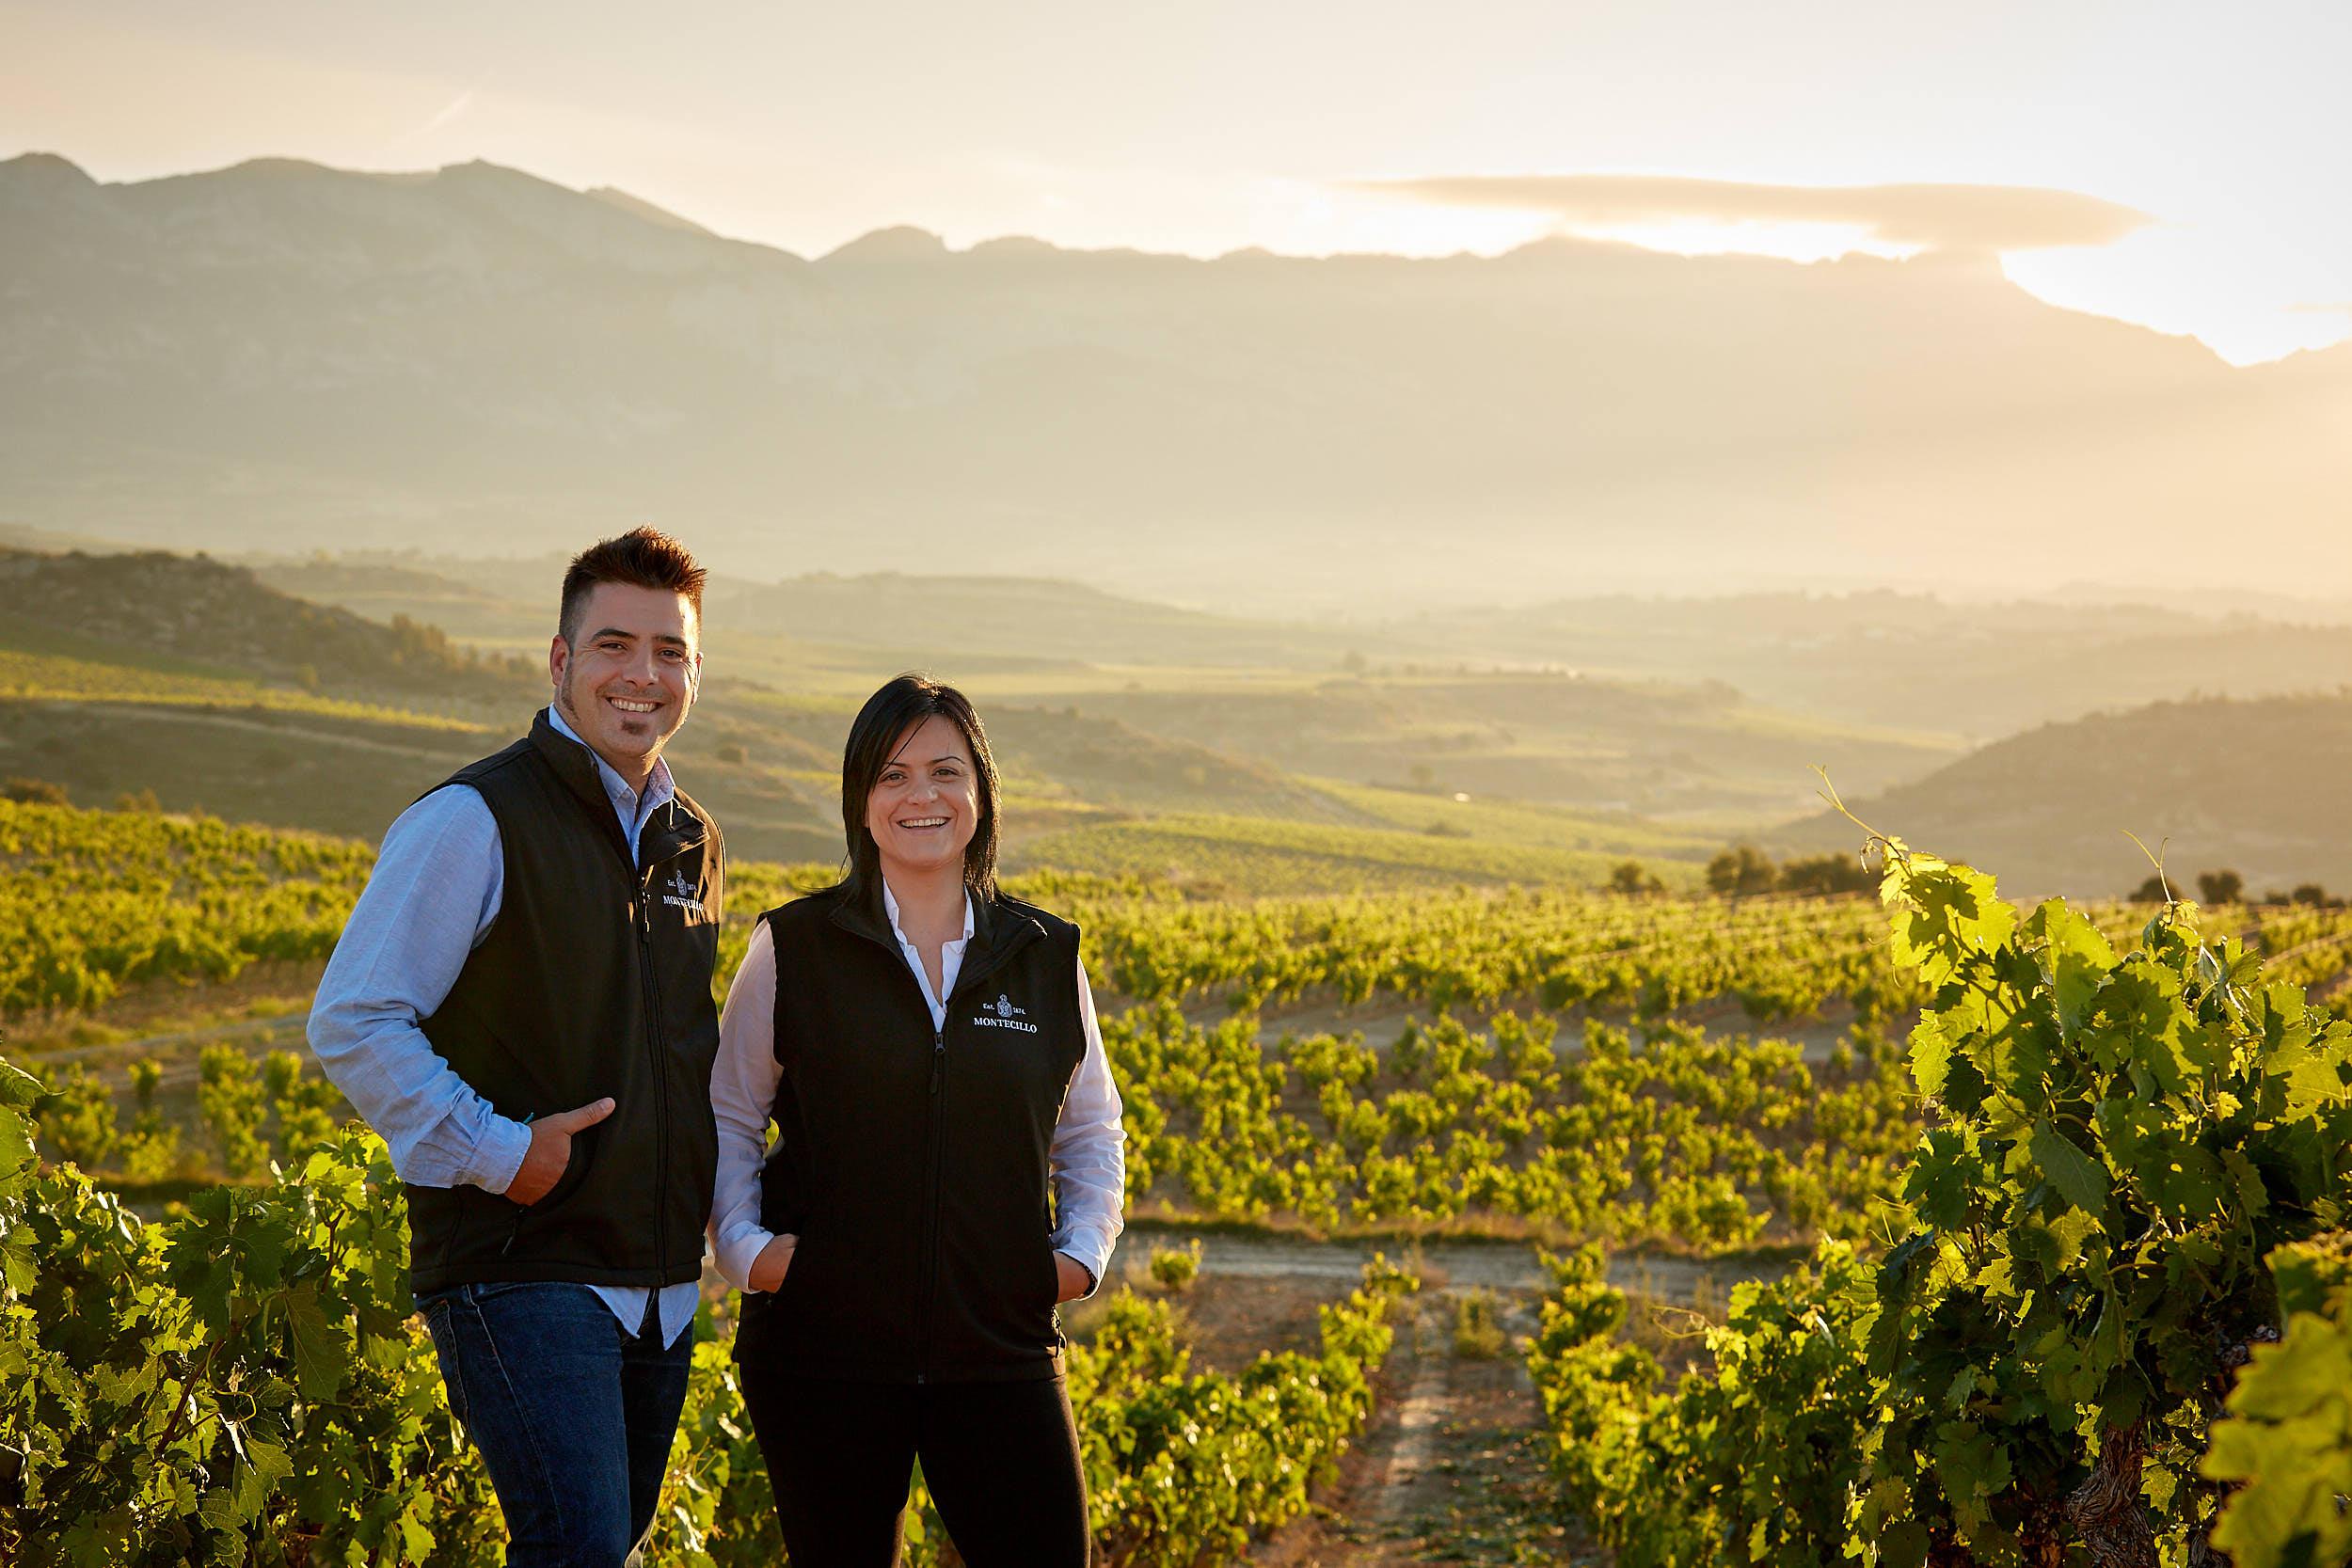 1706Montecillo_Winery_La_Rioja_Spain_Sturcke_0003.jpg